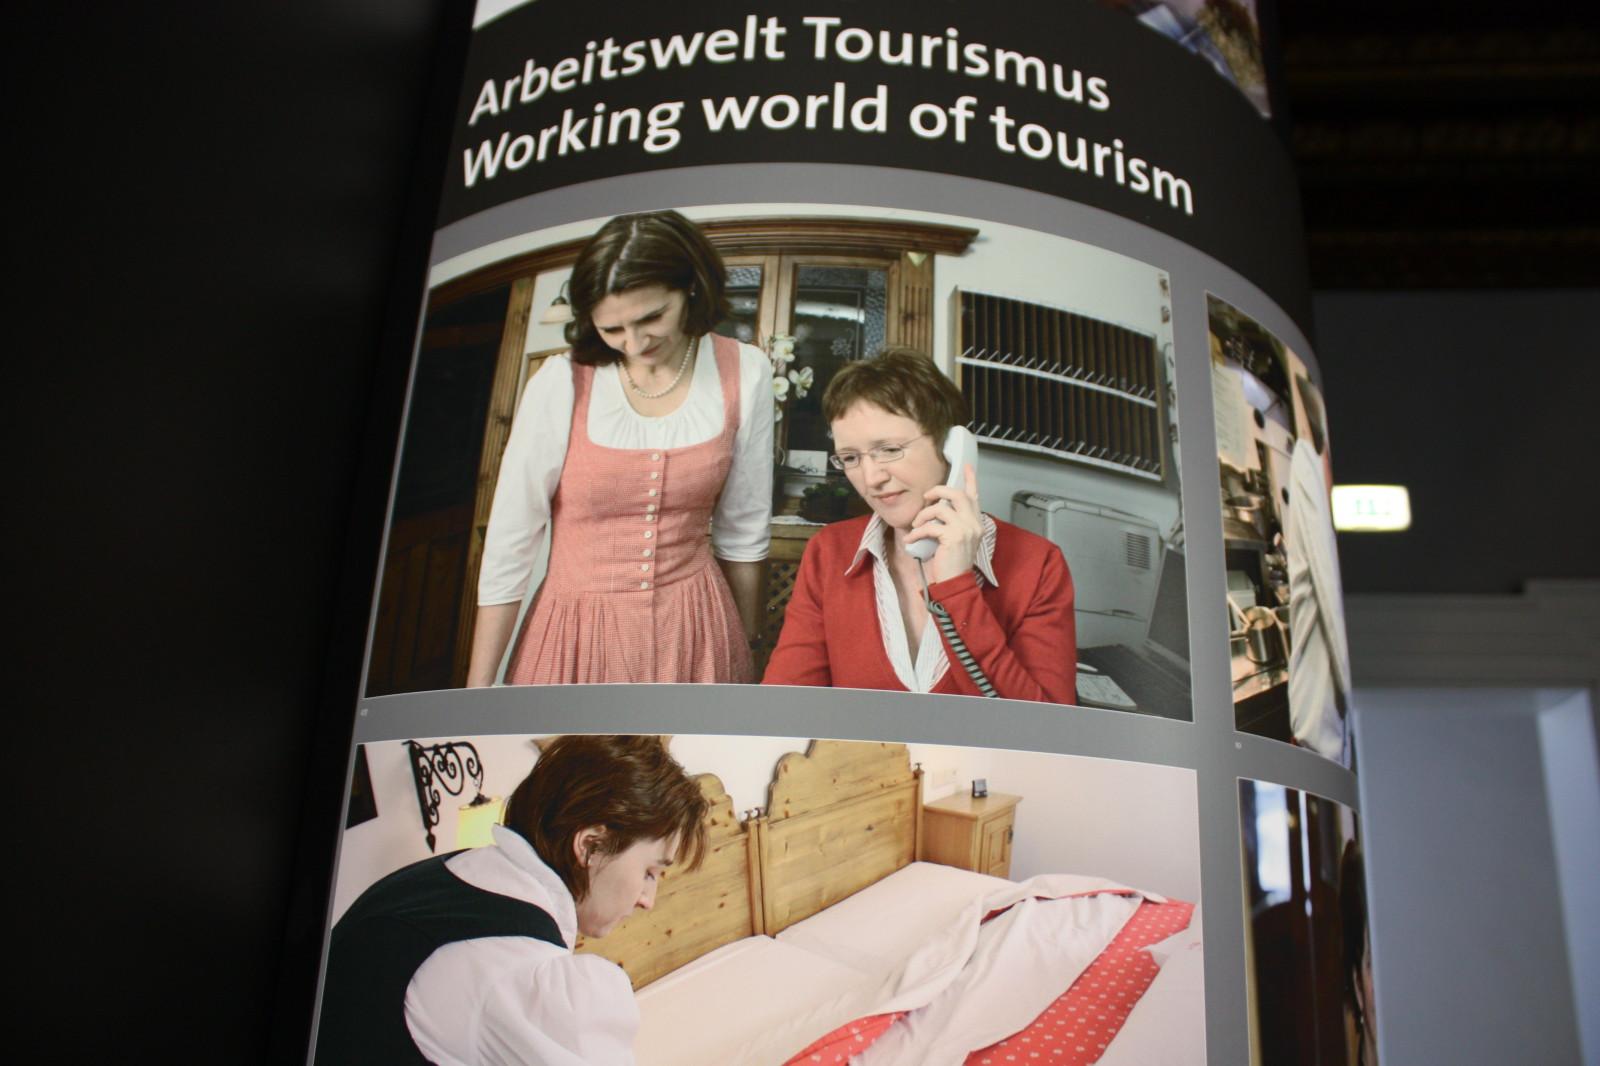 Das Tourismusthema ist ebenfalls wichtig im Museum